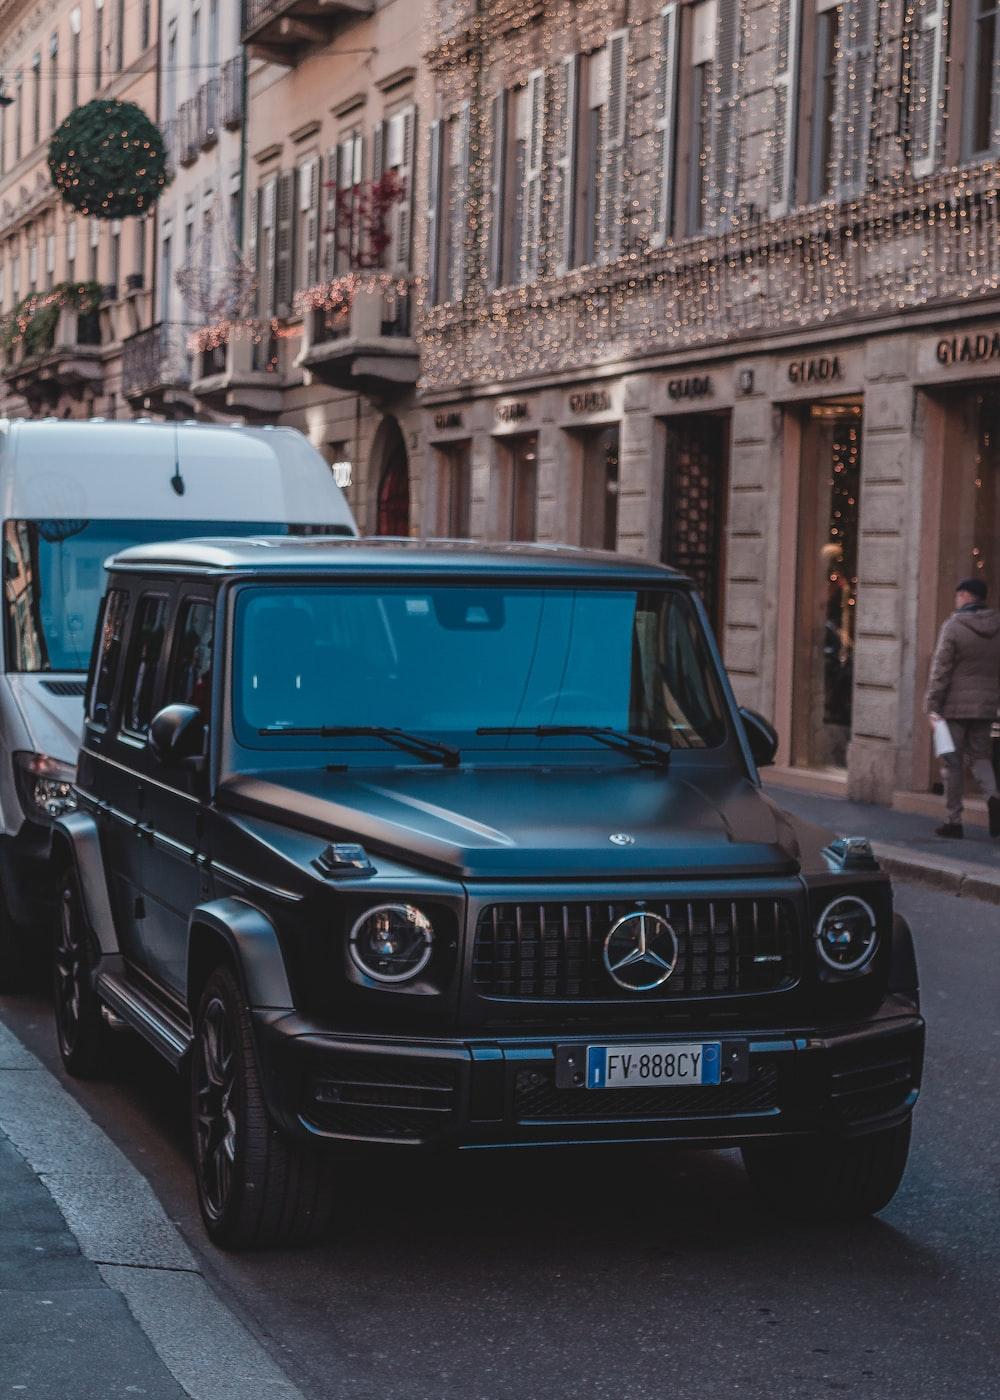 Mercedes-Benz SUV parked on sidewalk